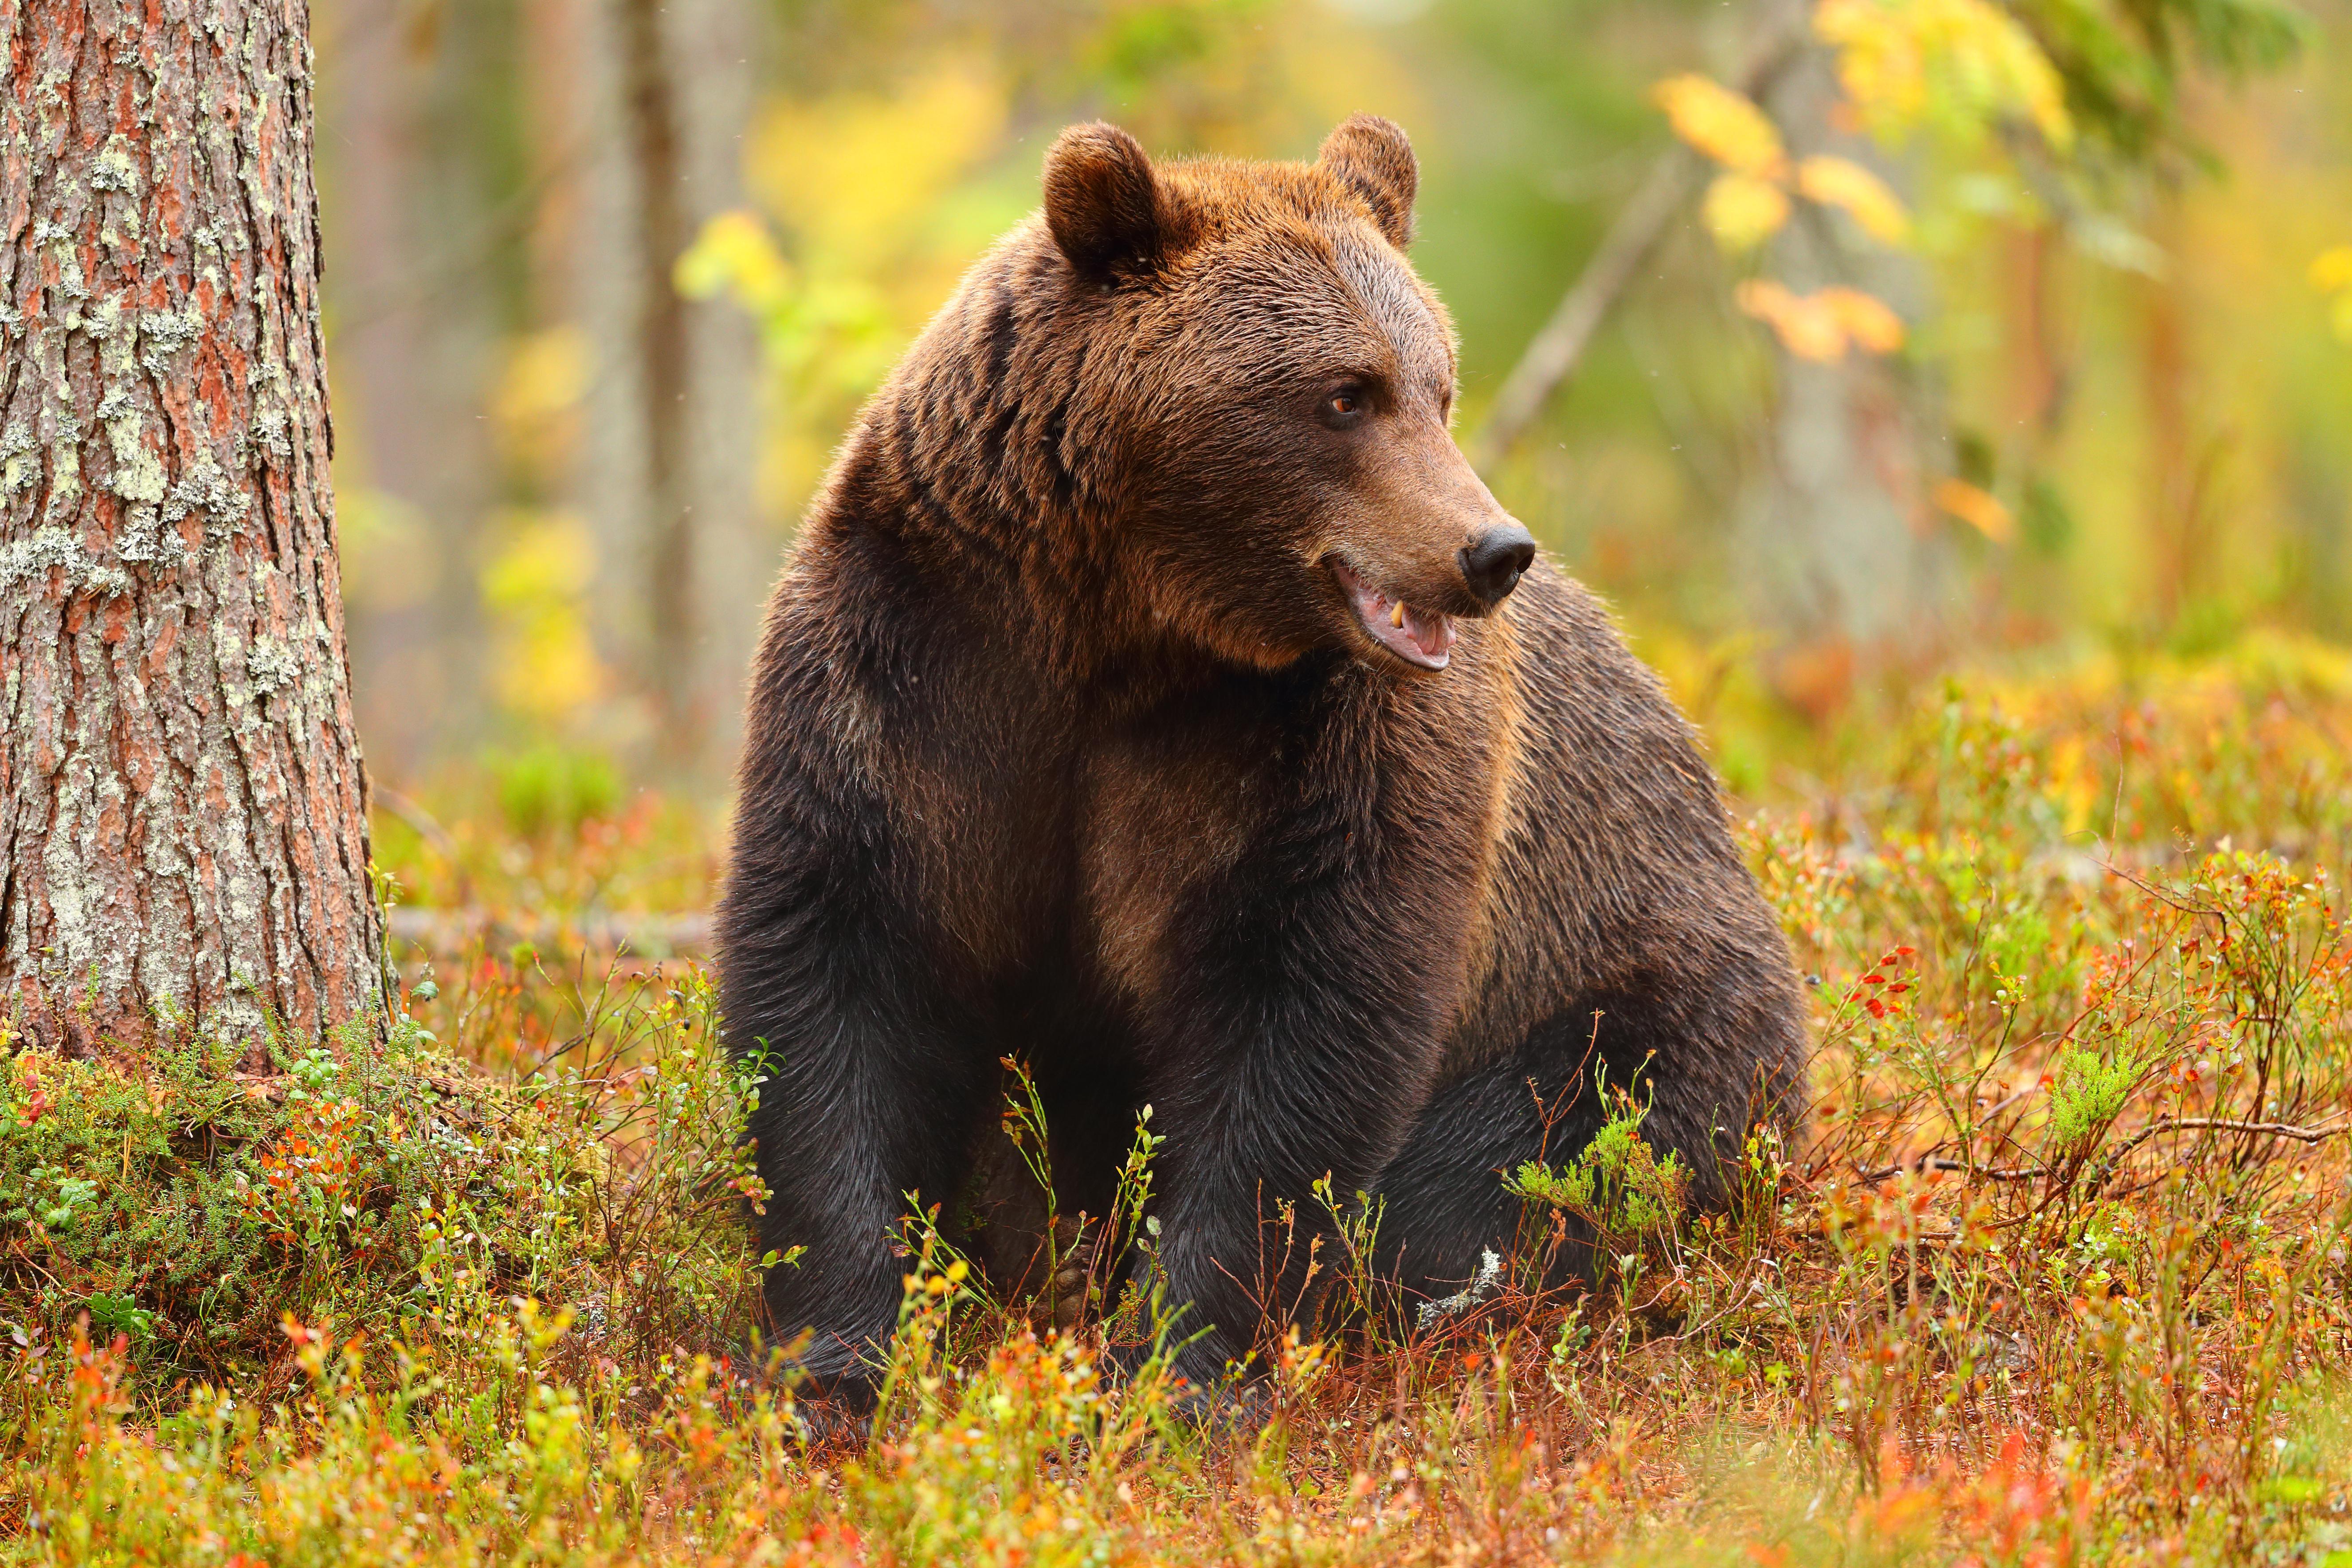 Co dělat při setkání s medvědem